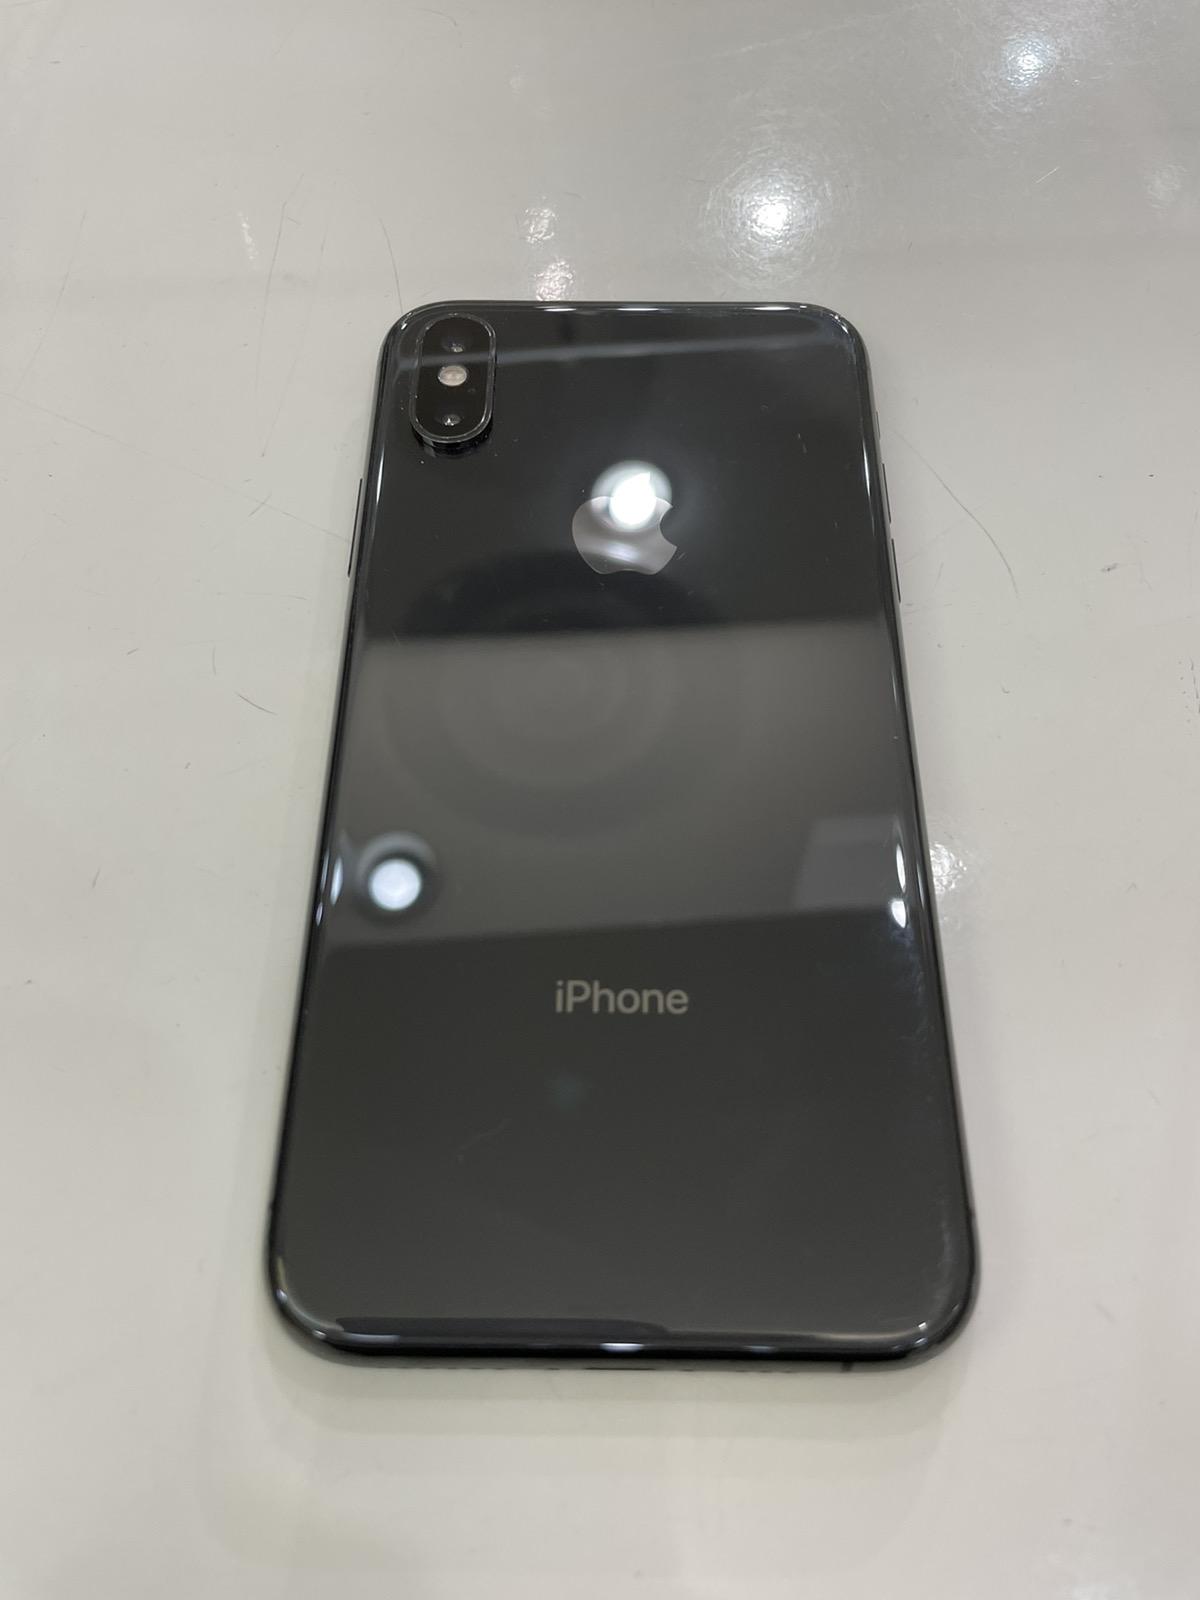 iPhone XS 256GB スペースグレイ au△ 中古